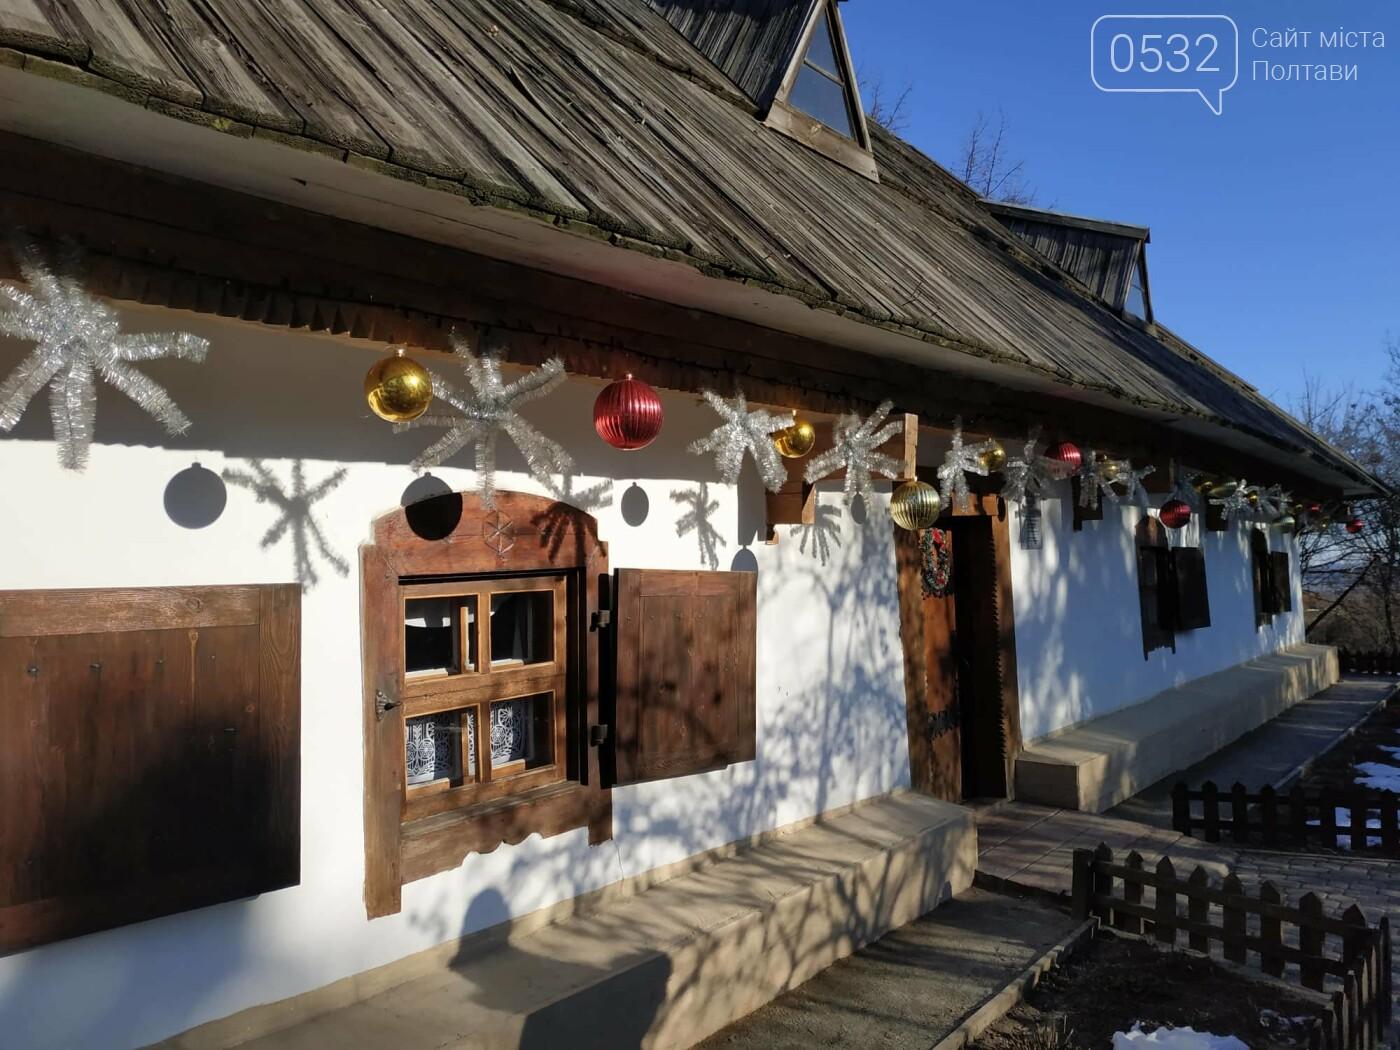 У садибі Івана Котляревського звучали старовинні і сучасні колядки (ФОТО), фото-1